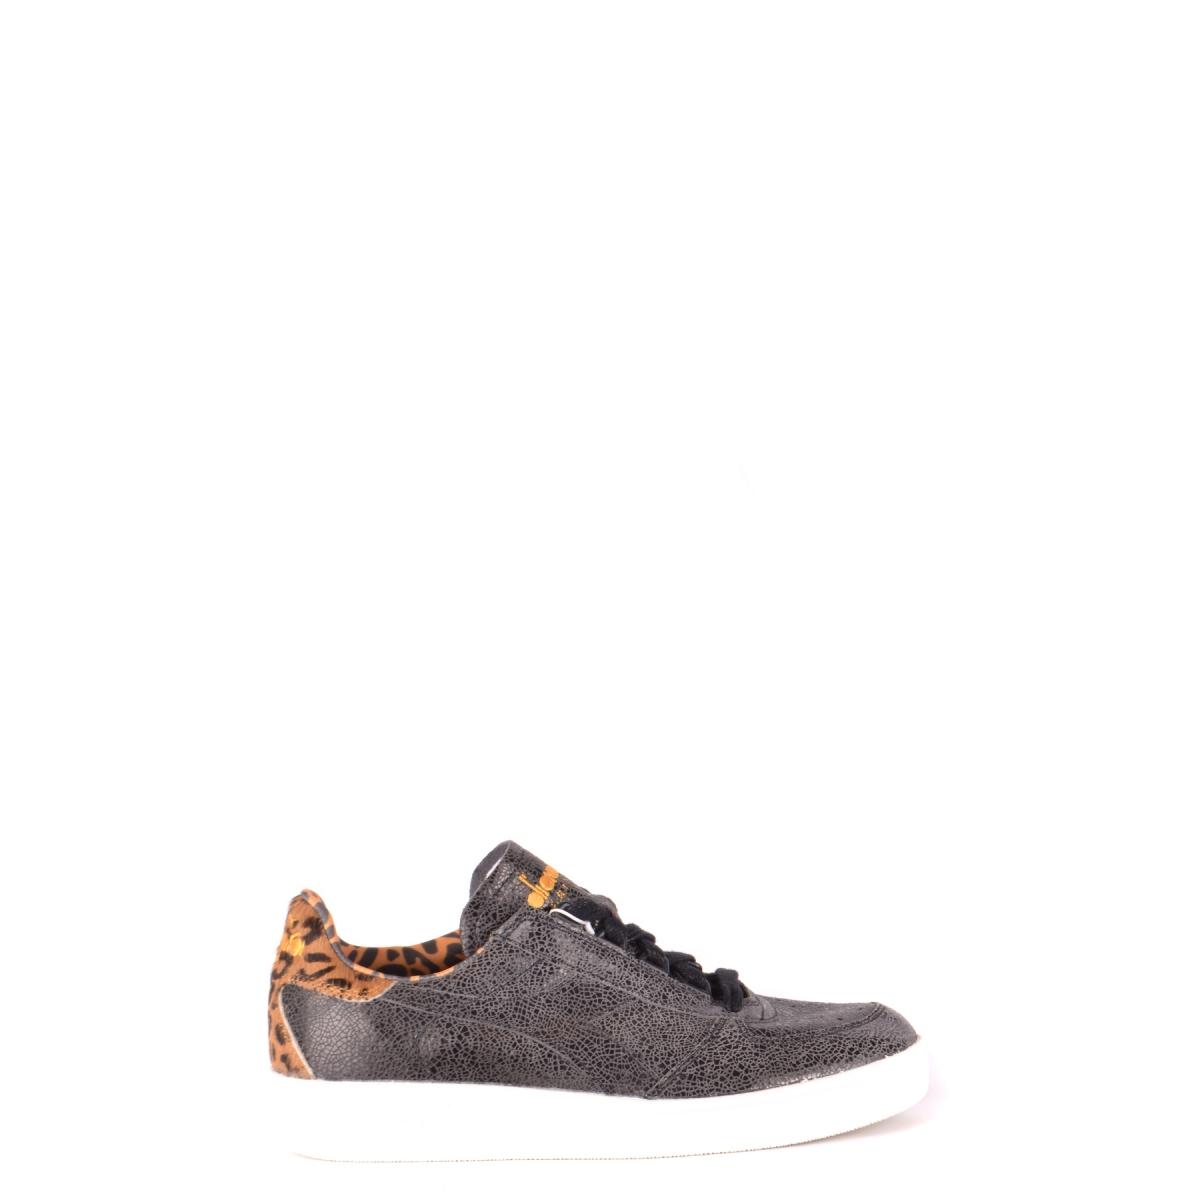 Hommes / Beau femmes Sneakers Diadora 35280IT -30% Beau / design enchères Roi de la foule 3355bf